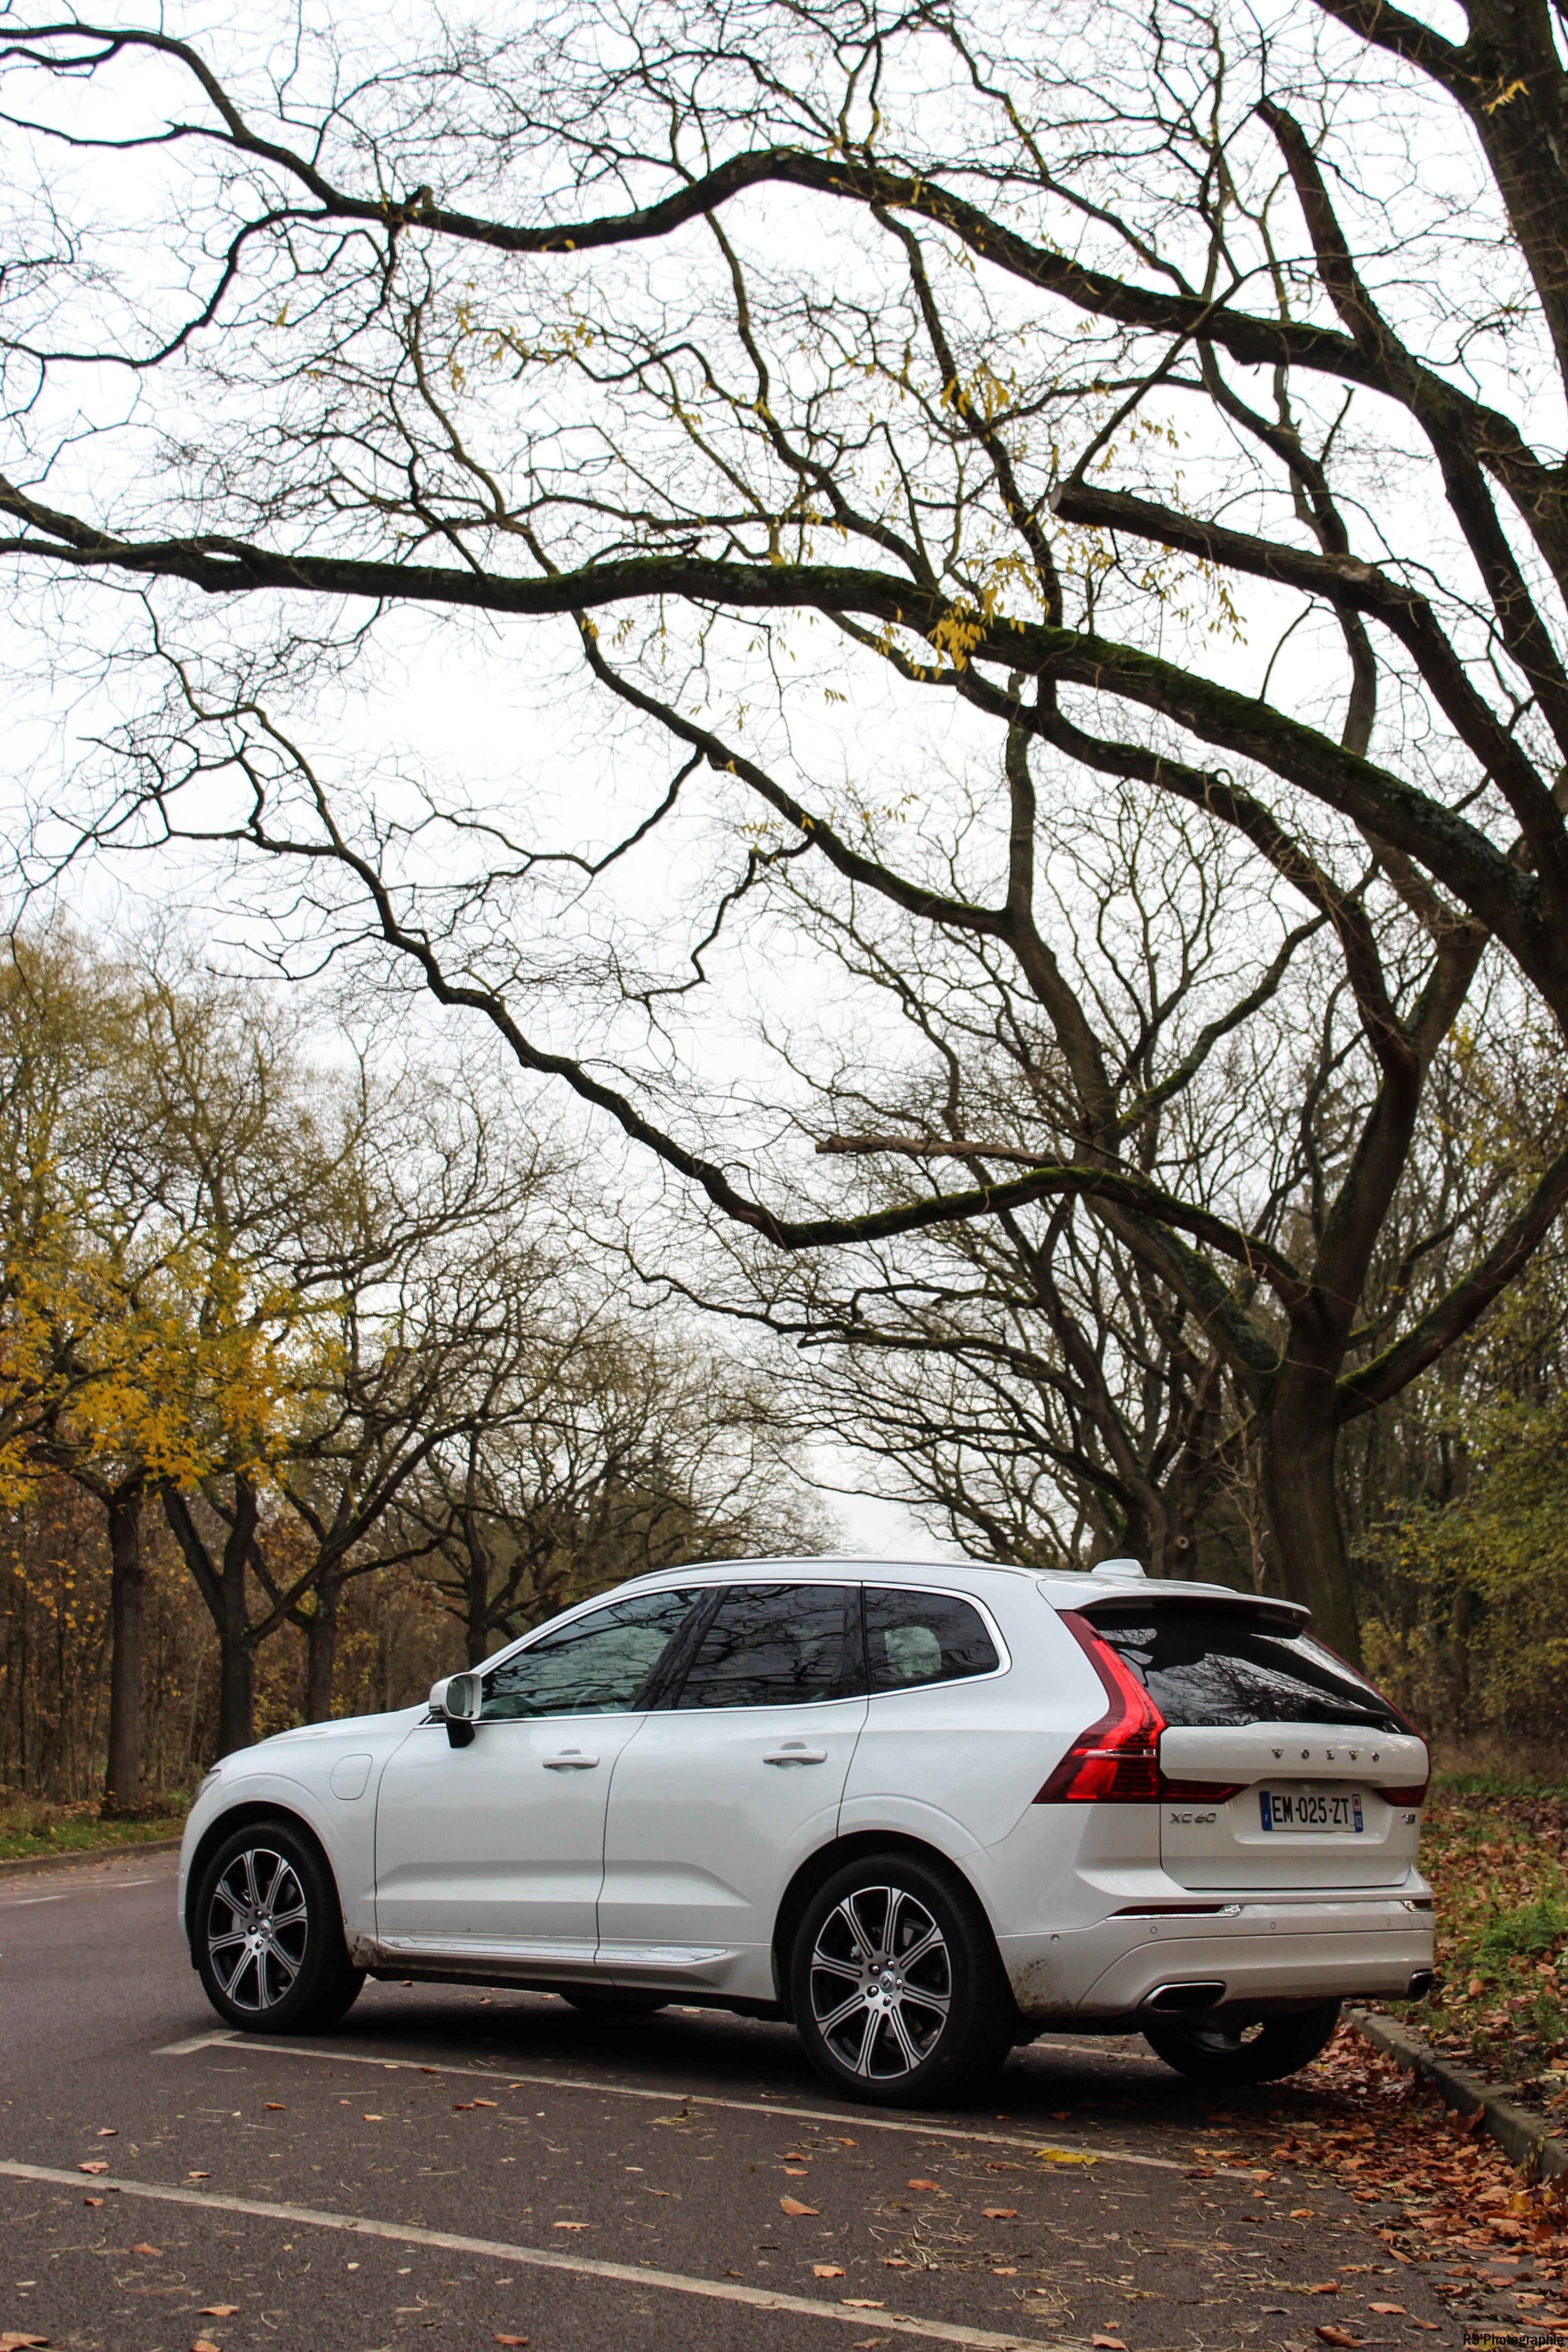 volvoXC6021-volvo-XC60-T8-Hybrid-arriere-rear-Arnaud Demasier-RSPhotographie